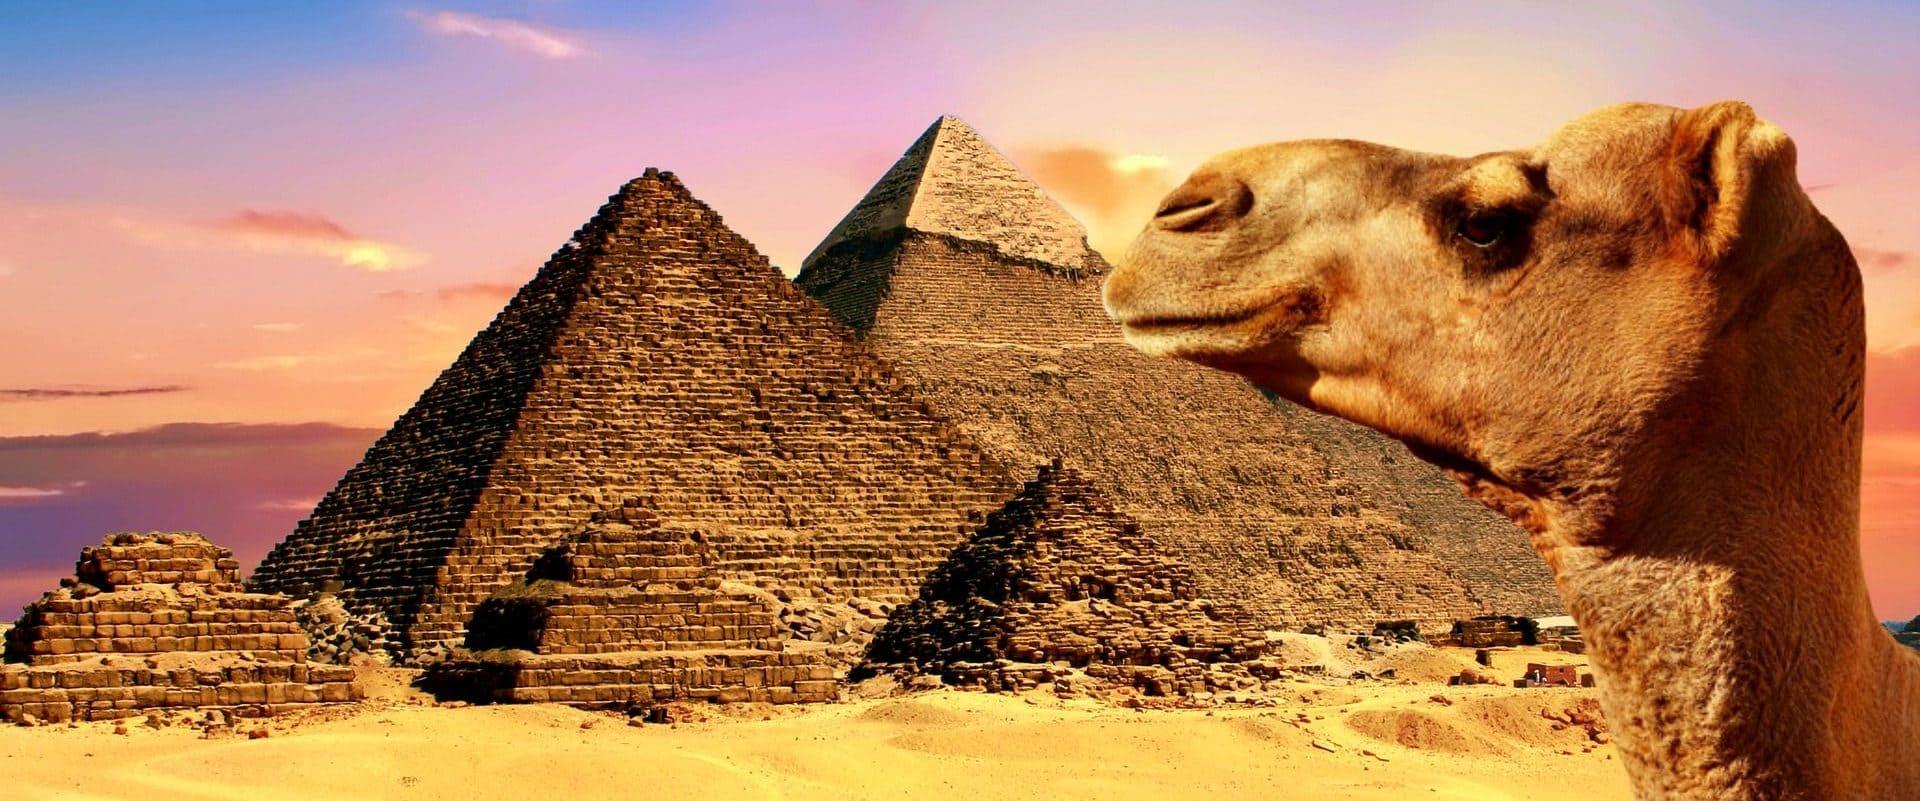 Ägypten verstehen und erleben